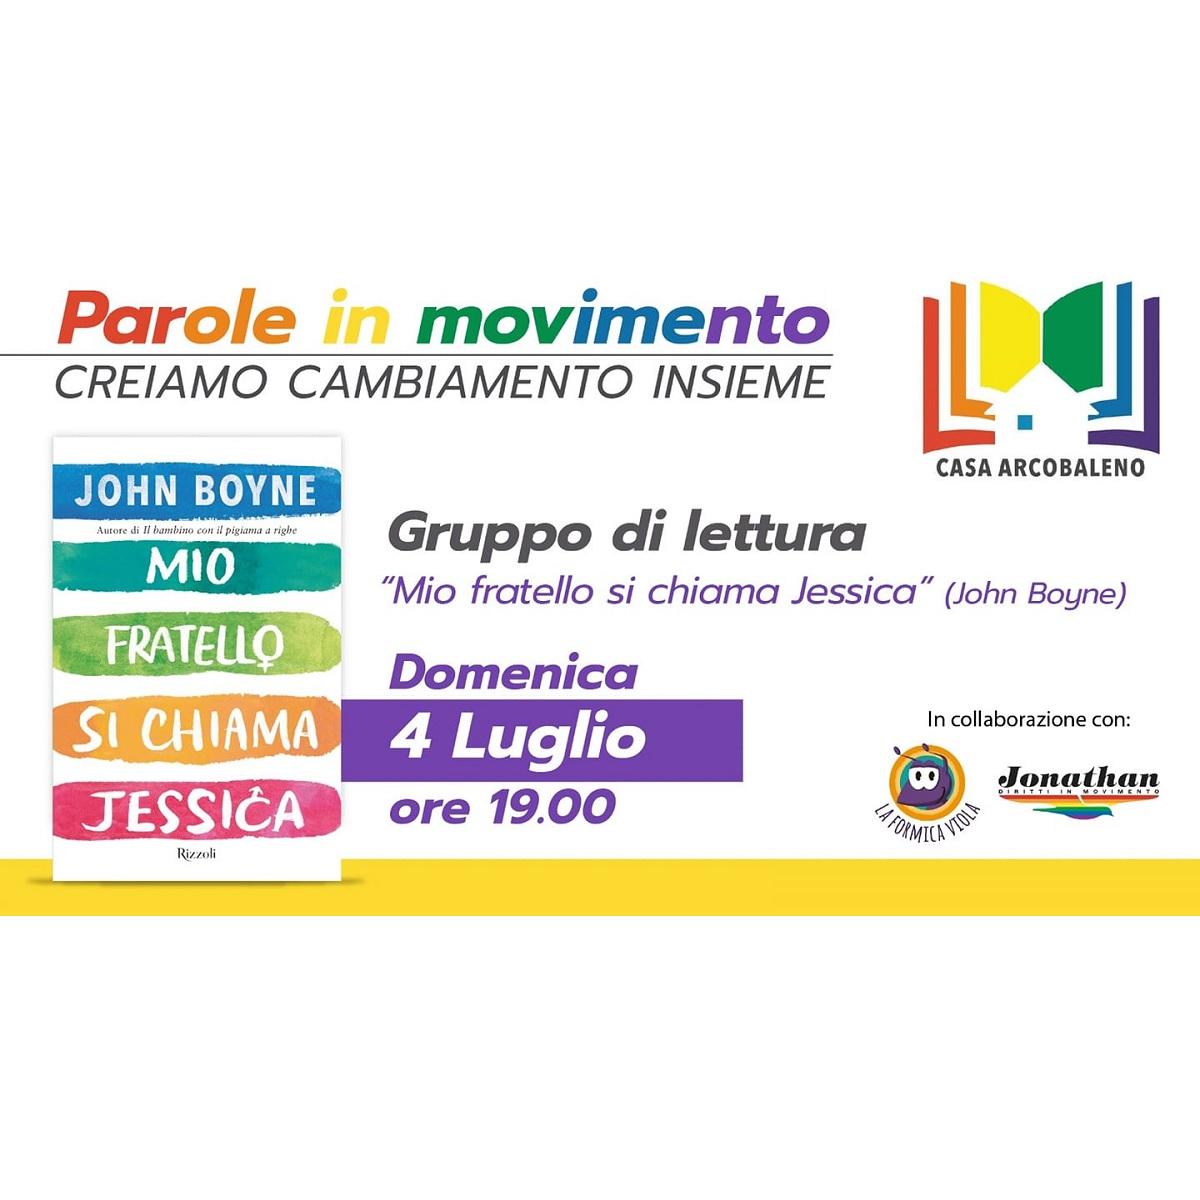 Parole in movimento a Pescara 4 luglio 2021 foto